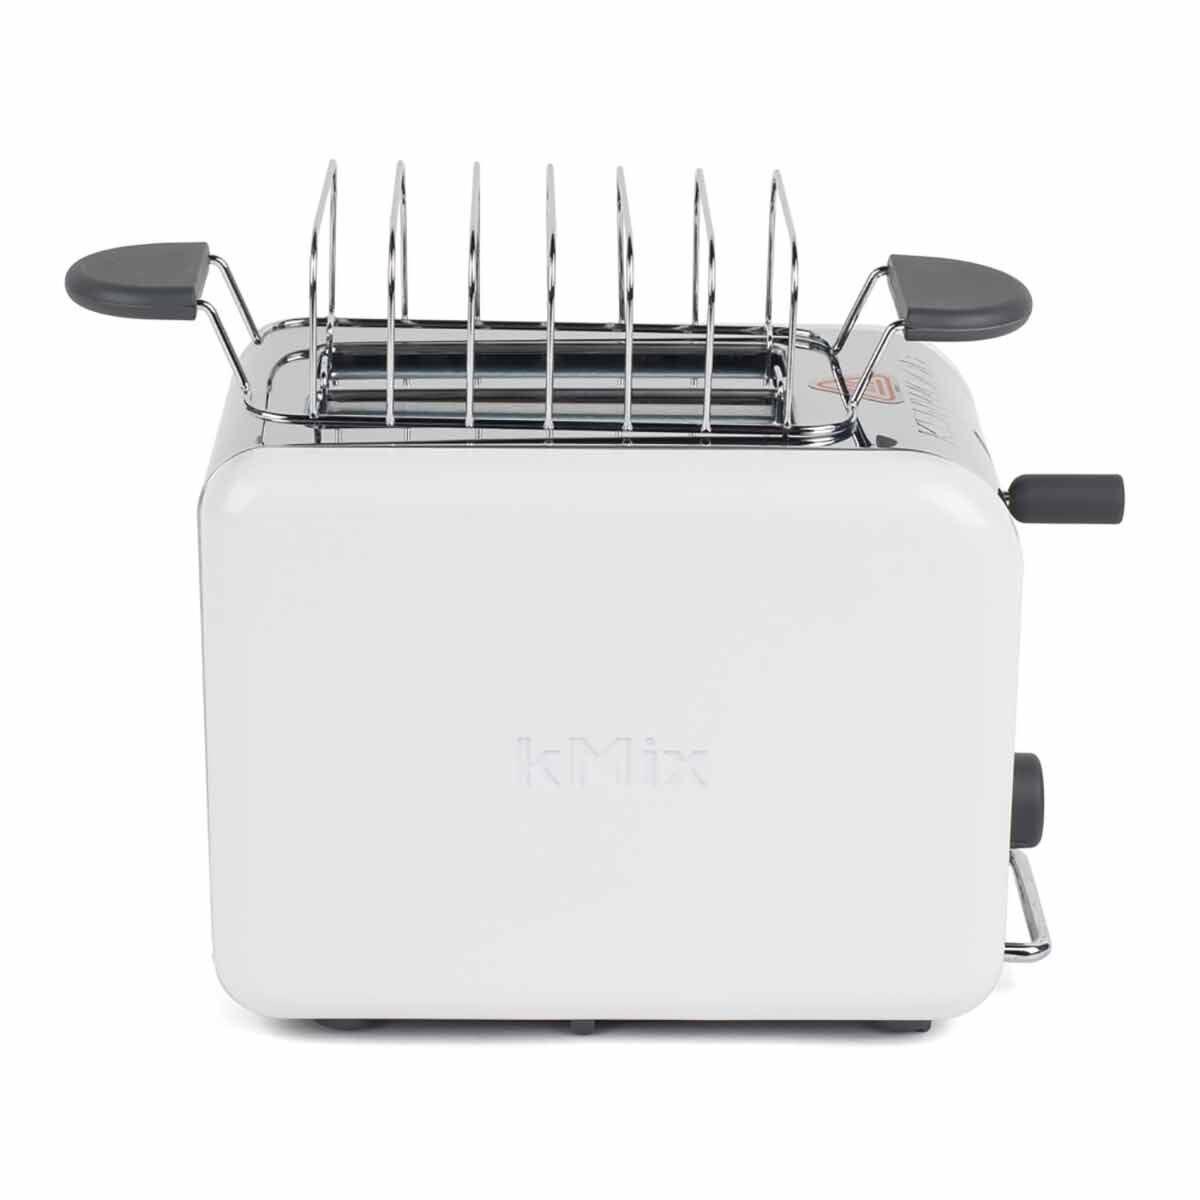 Kenwood kMix Two Slice Toaster 900W